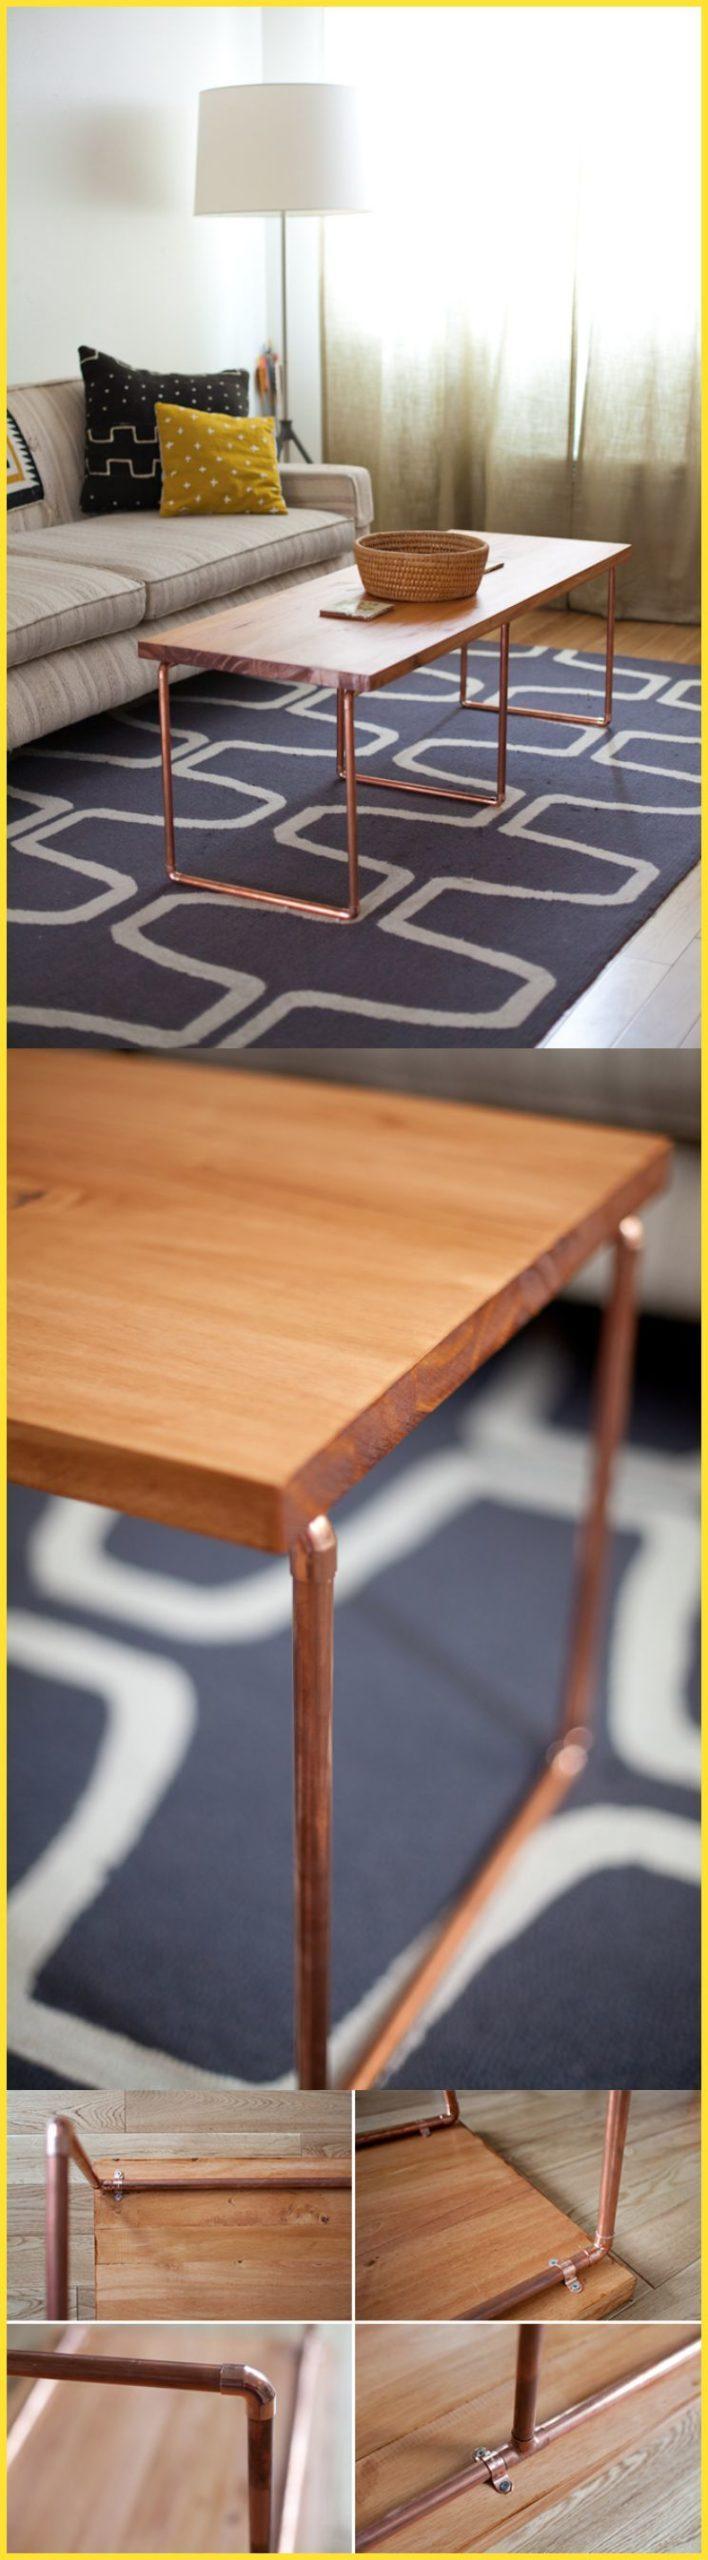 25 Примеров - как самостоятельно сделать журнальный стол